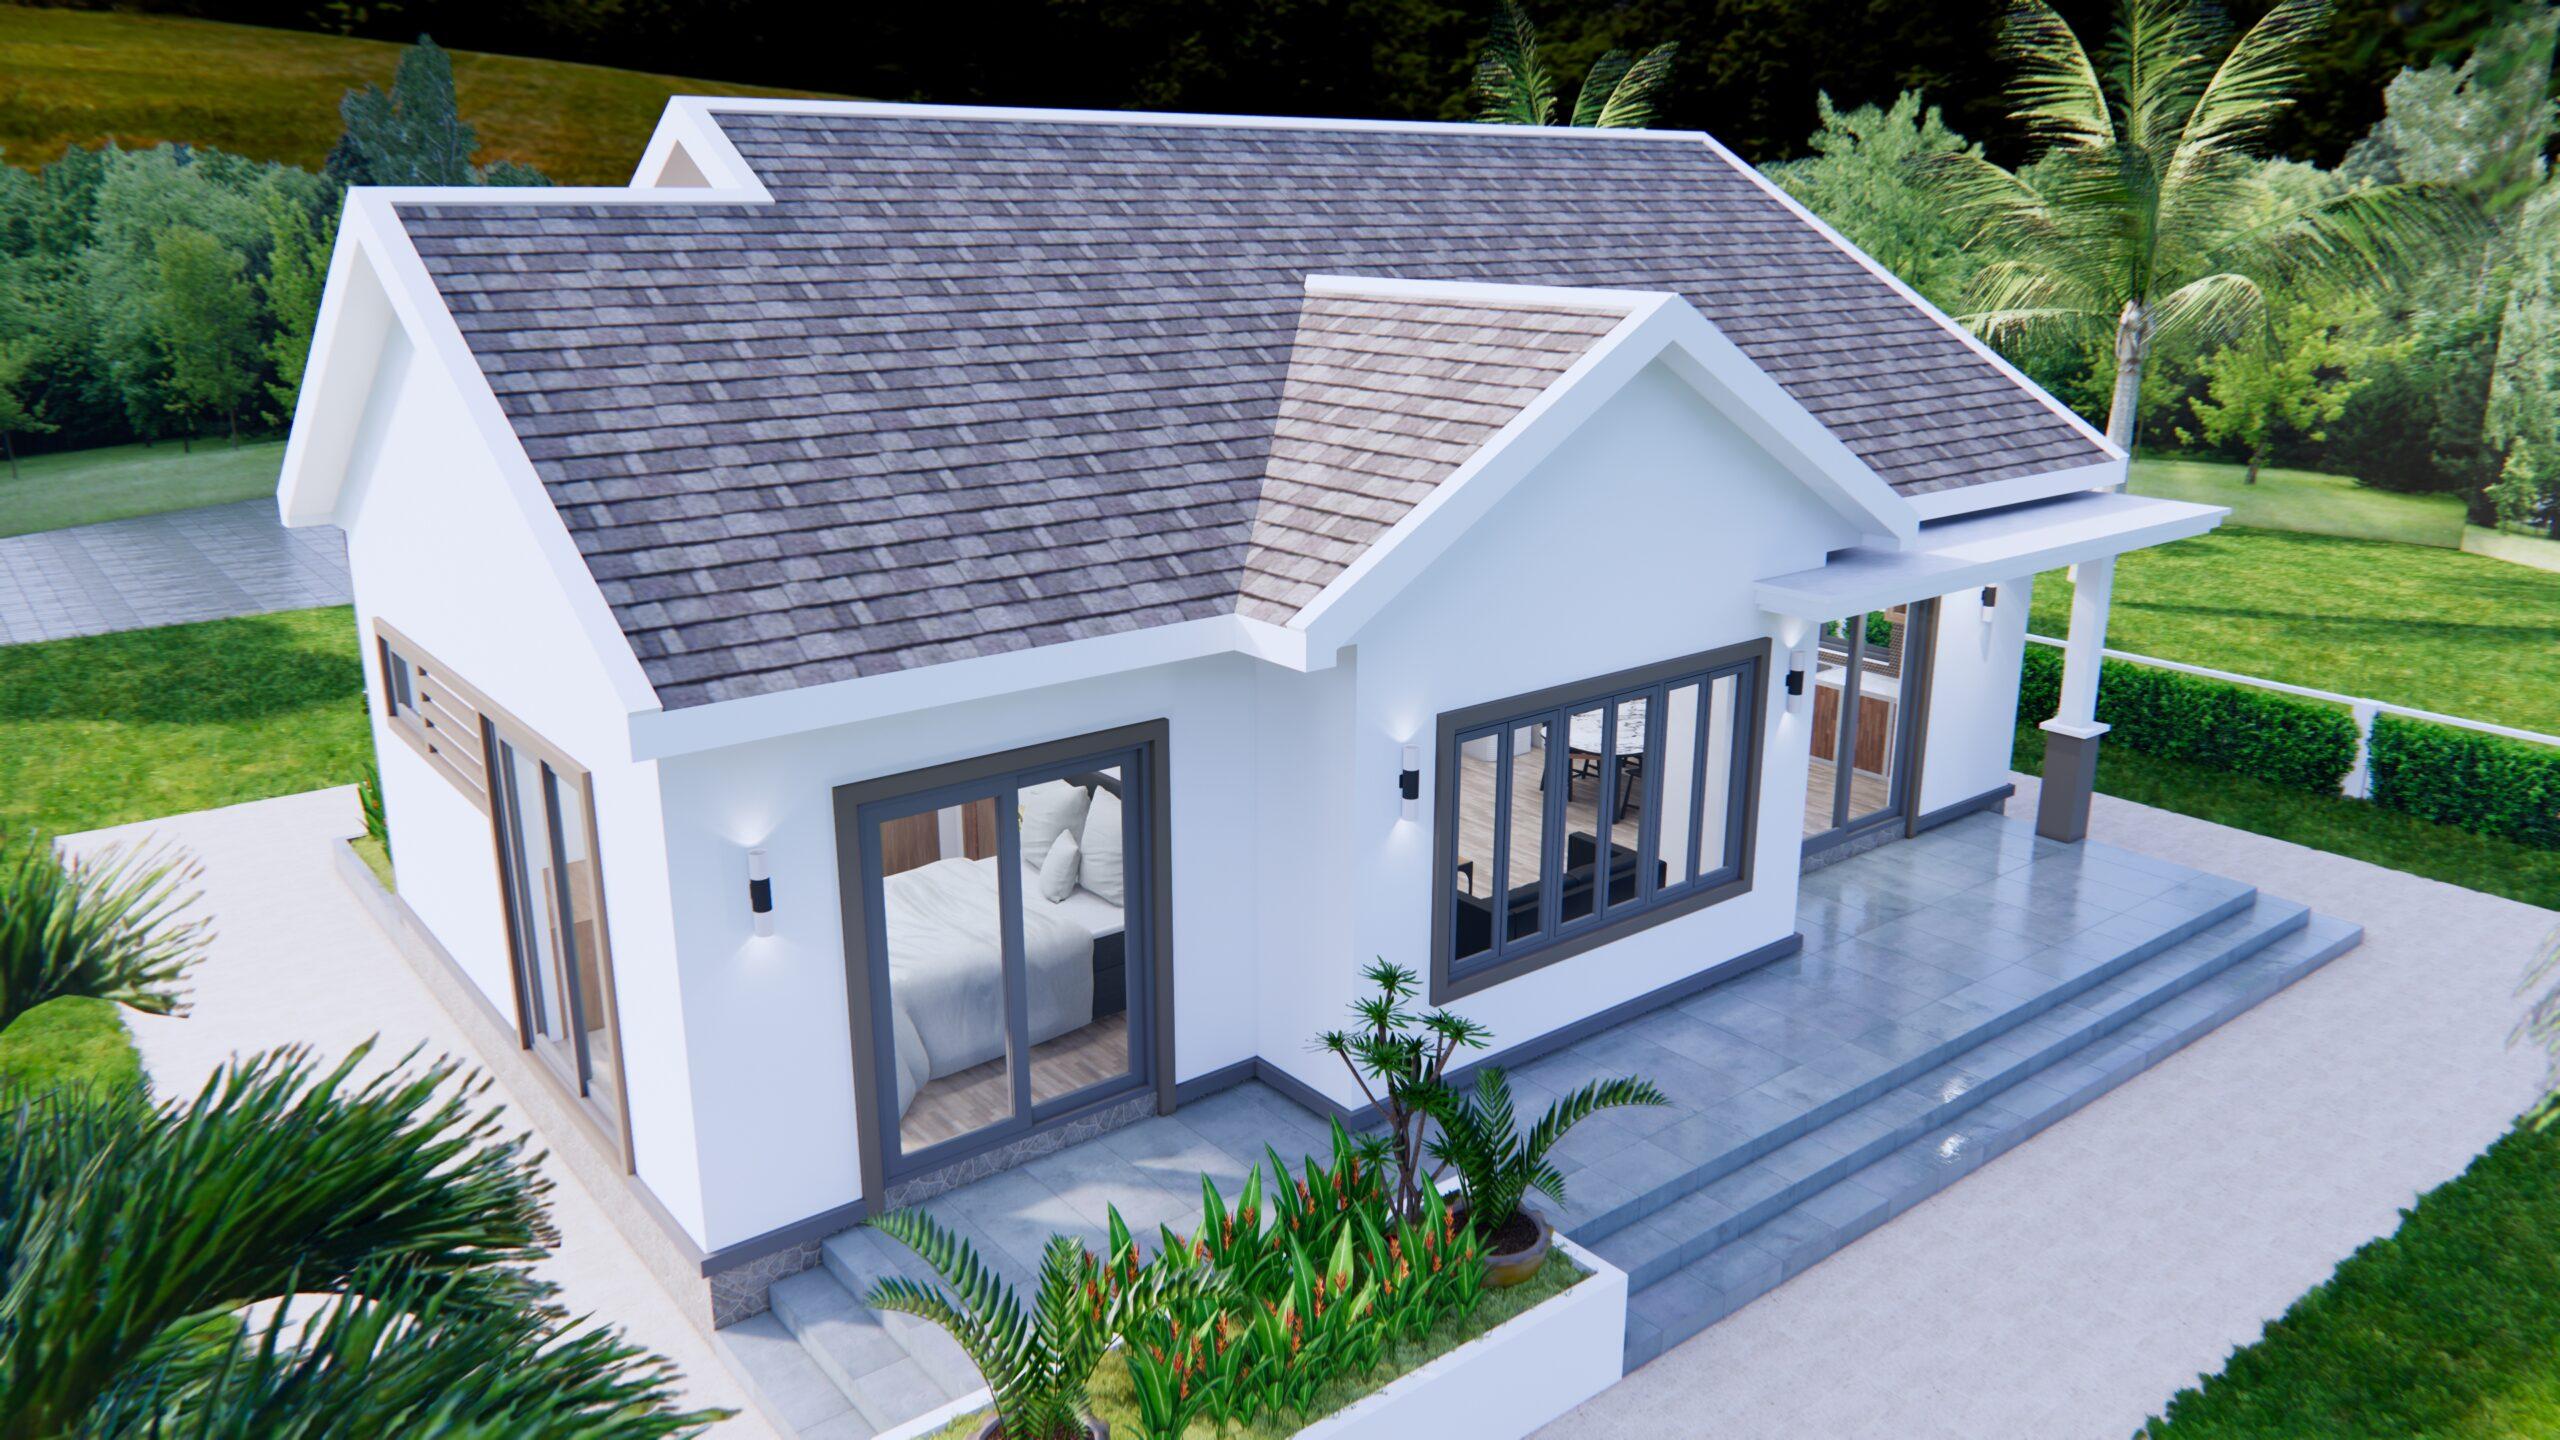 Modern House Drawing 12x9 Meter 40x30 Feet 2 Beds 5